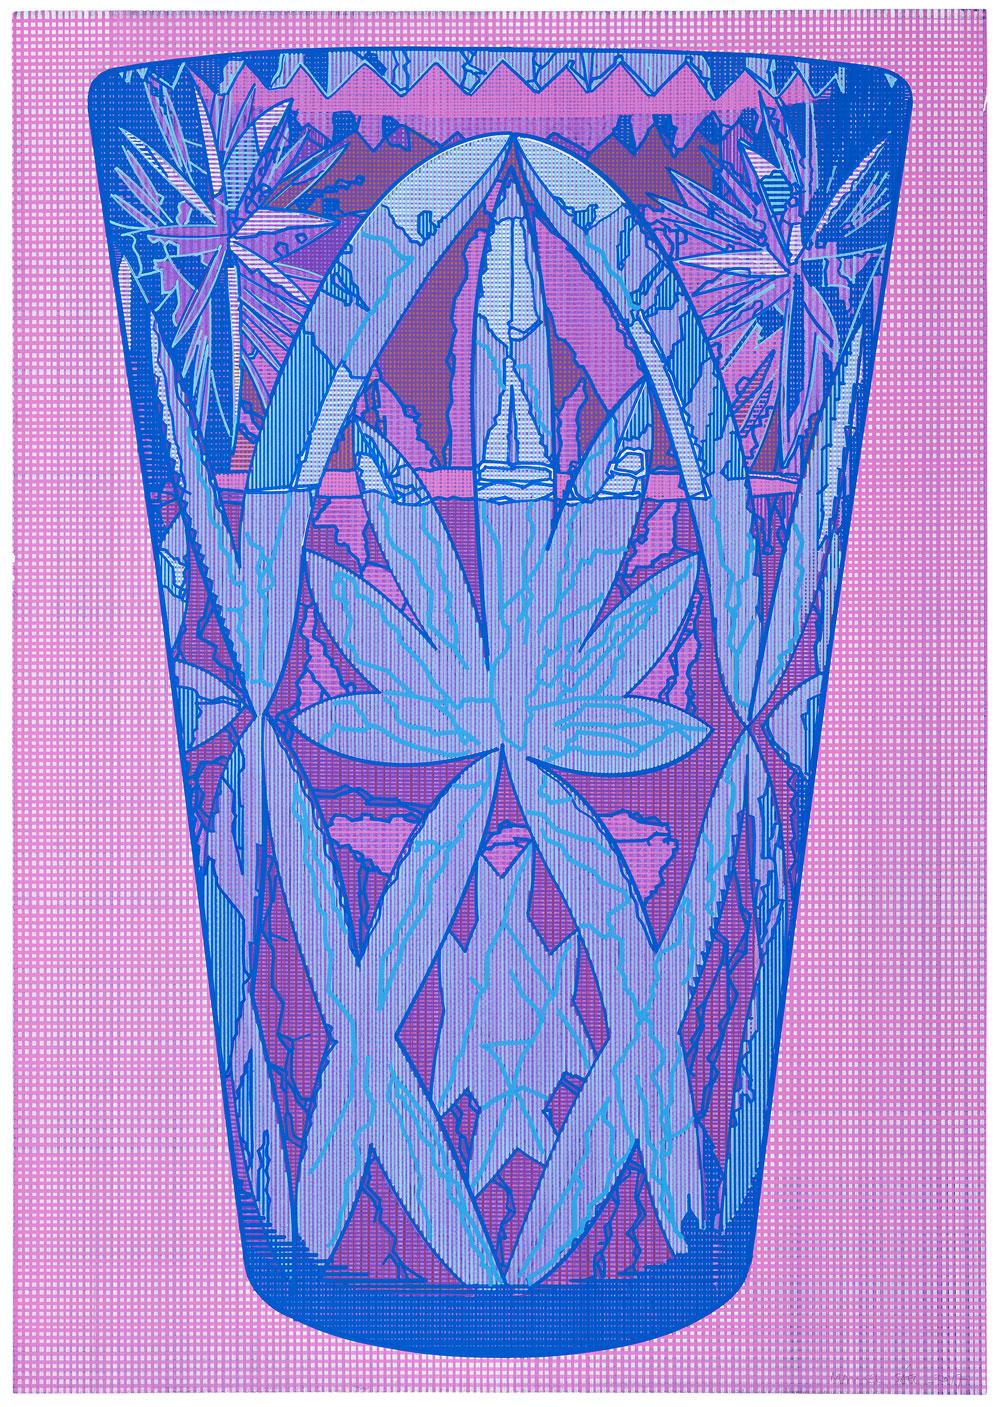 LZ (1) , 2017. Acuarela y témpera sobre papel, 83 x 59 cm.